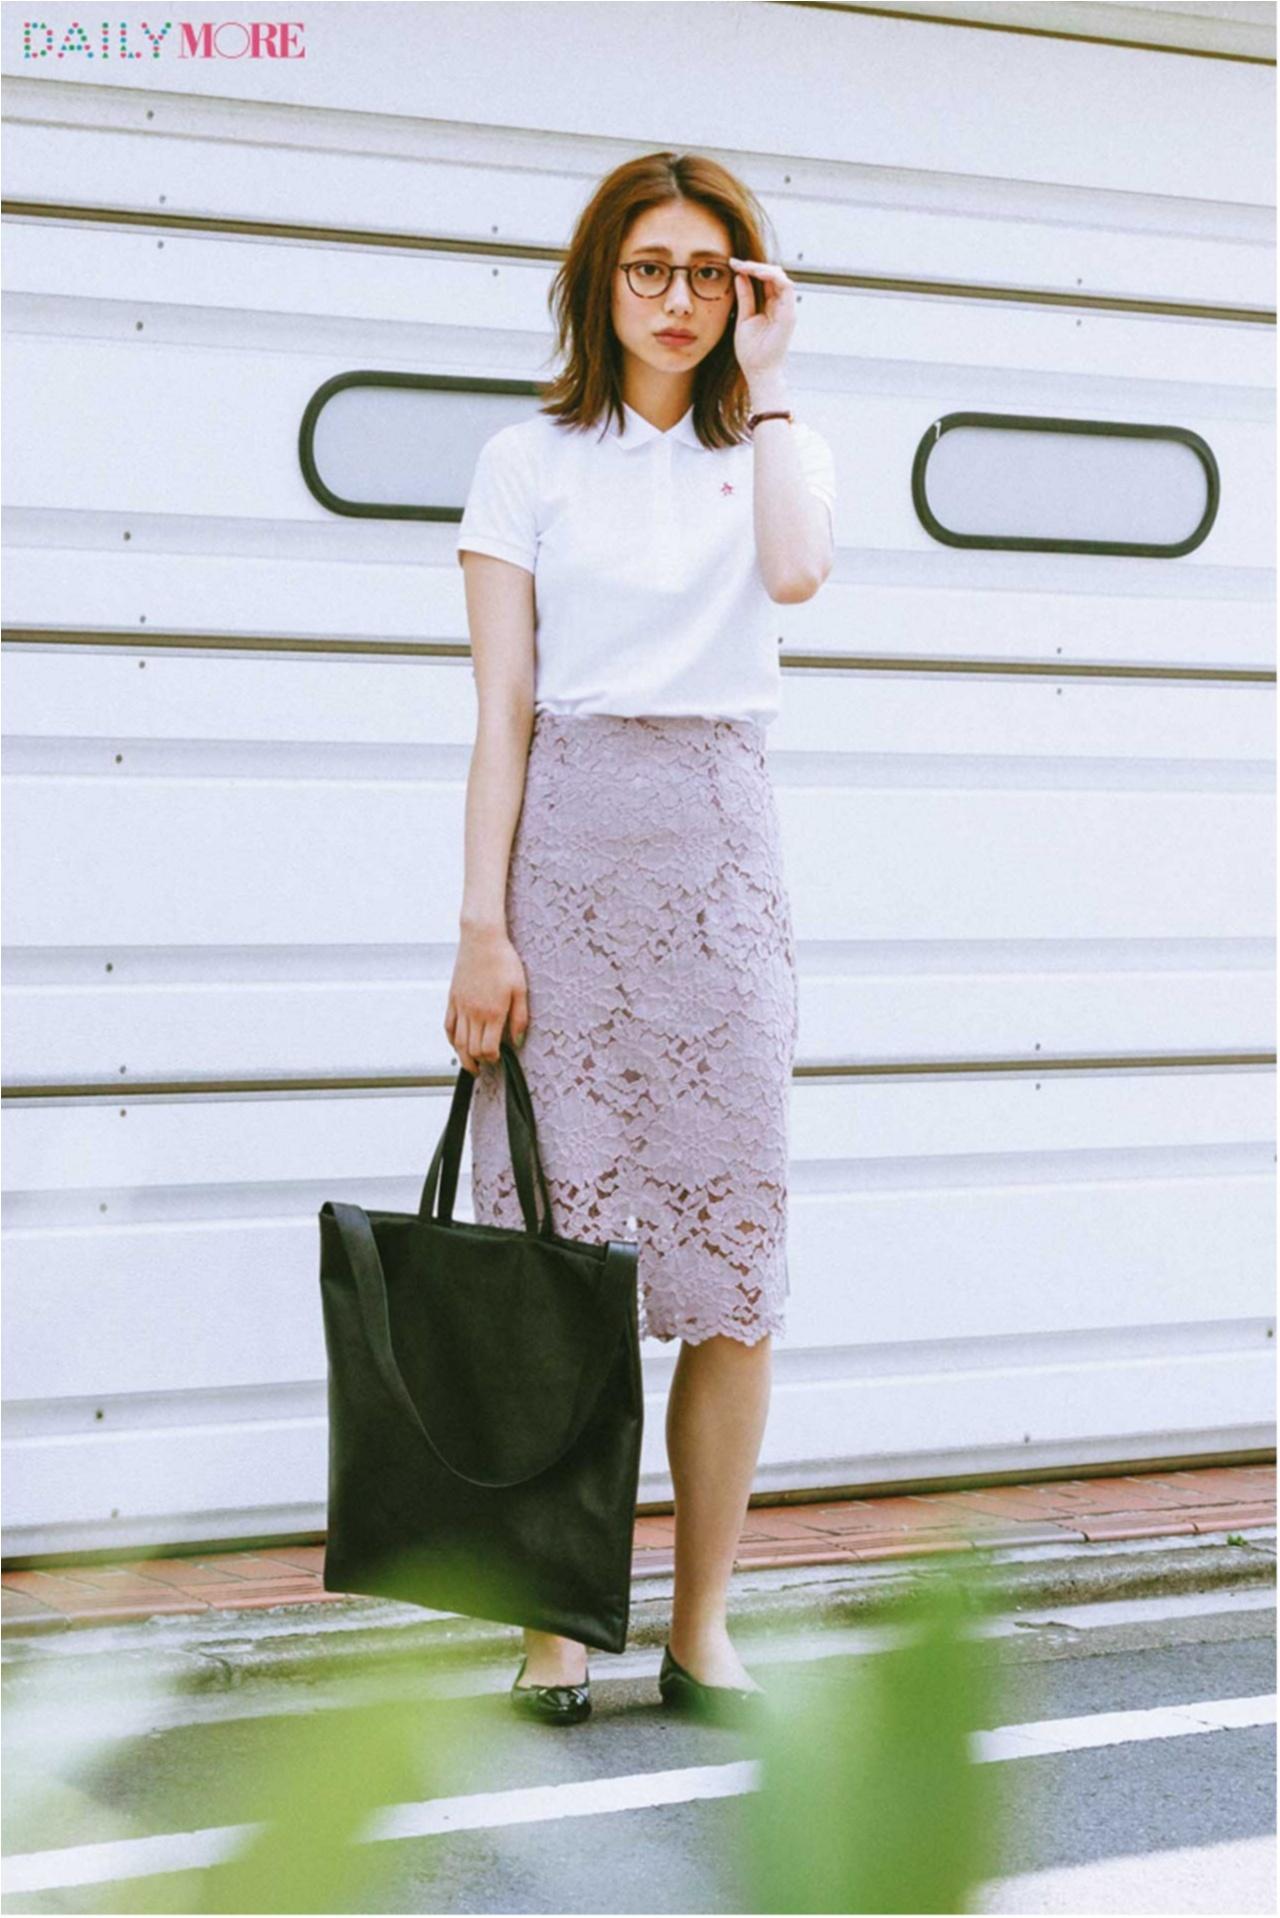 オフィスカジュアルでも涼しげ&おしゃれにね♪「真夏のお仕事服」まとめ♡_1_3